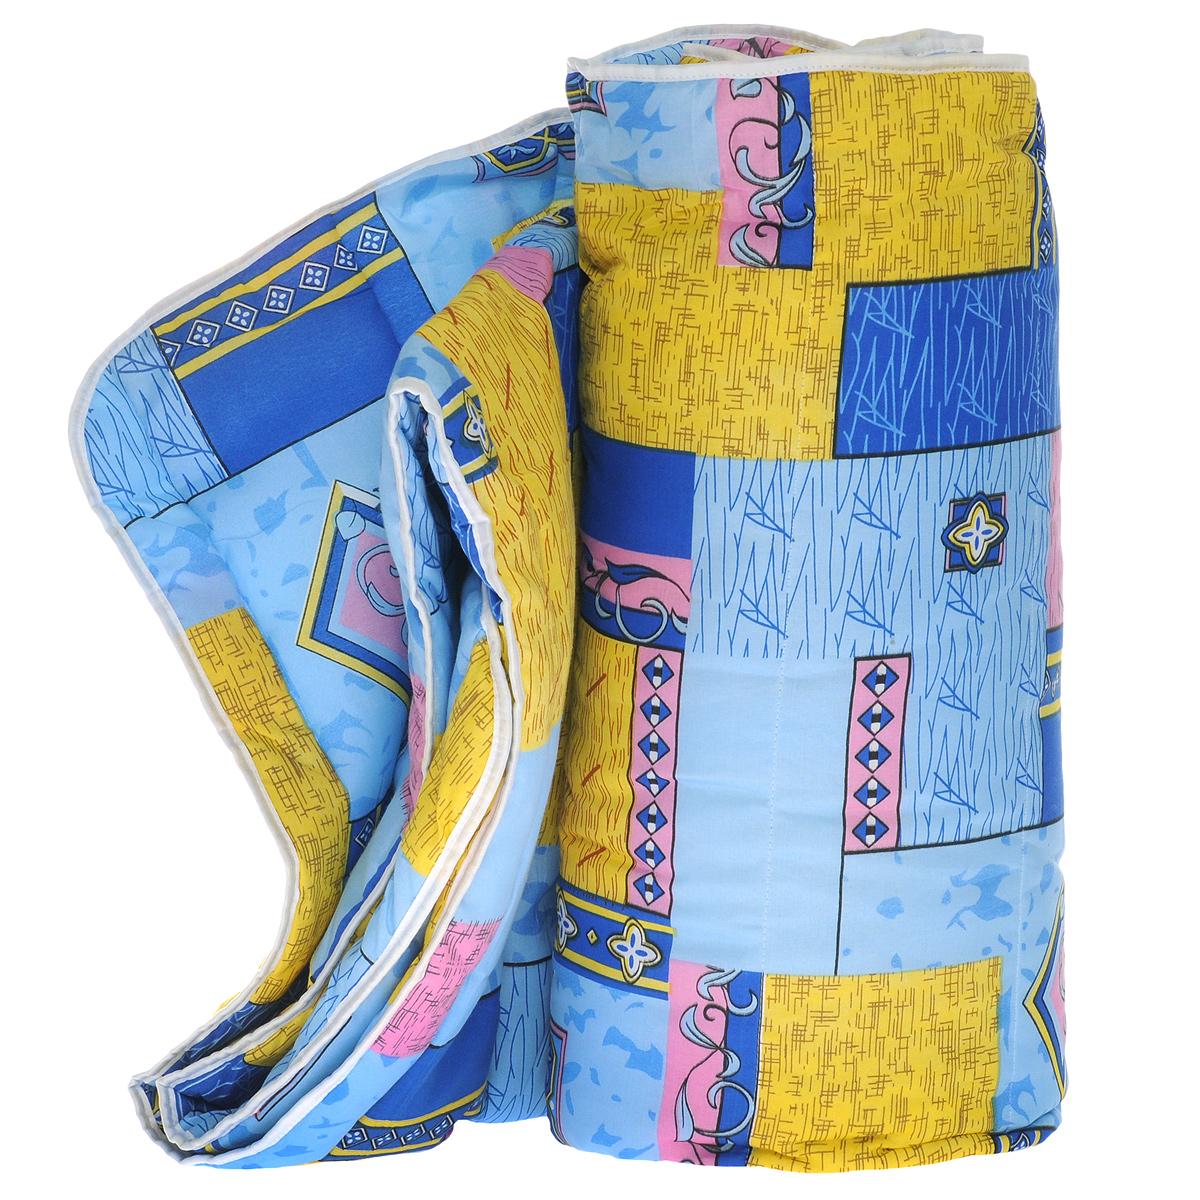 Одеяло облегченное OL-Tex Miotex, наполнитель: полиэфирное волокно Holfiteks, 172 см х 205 см, в ассортименте